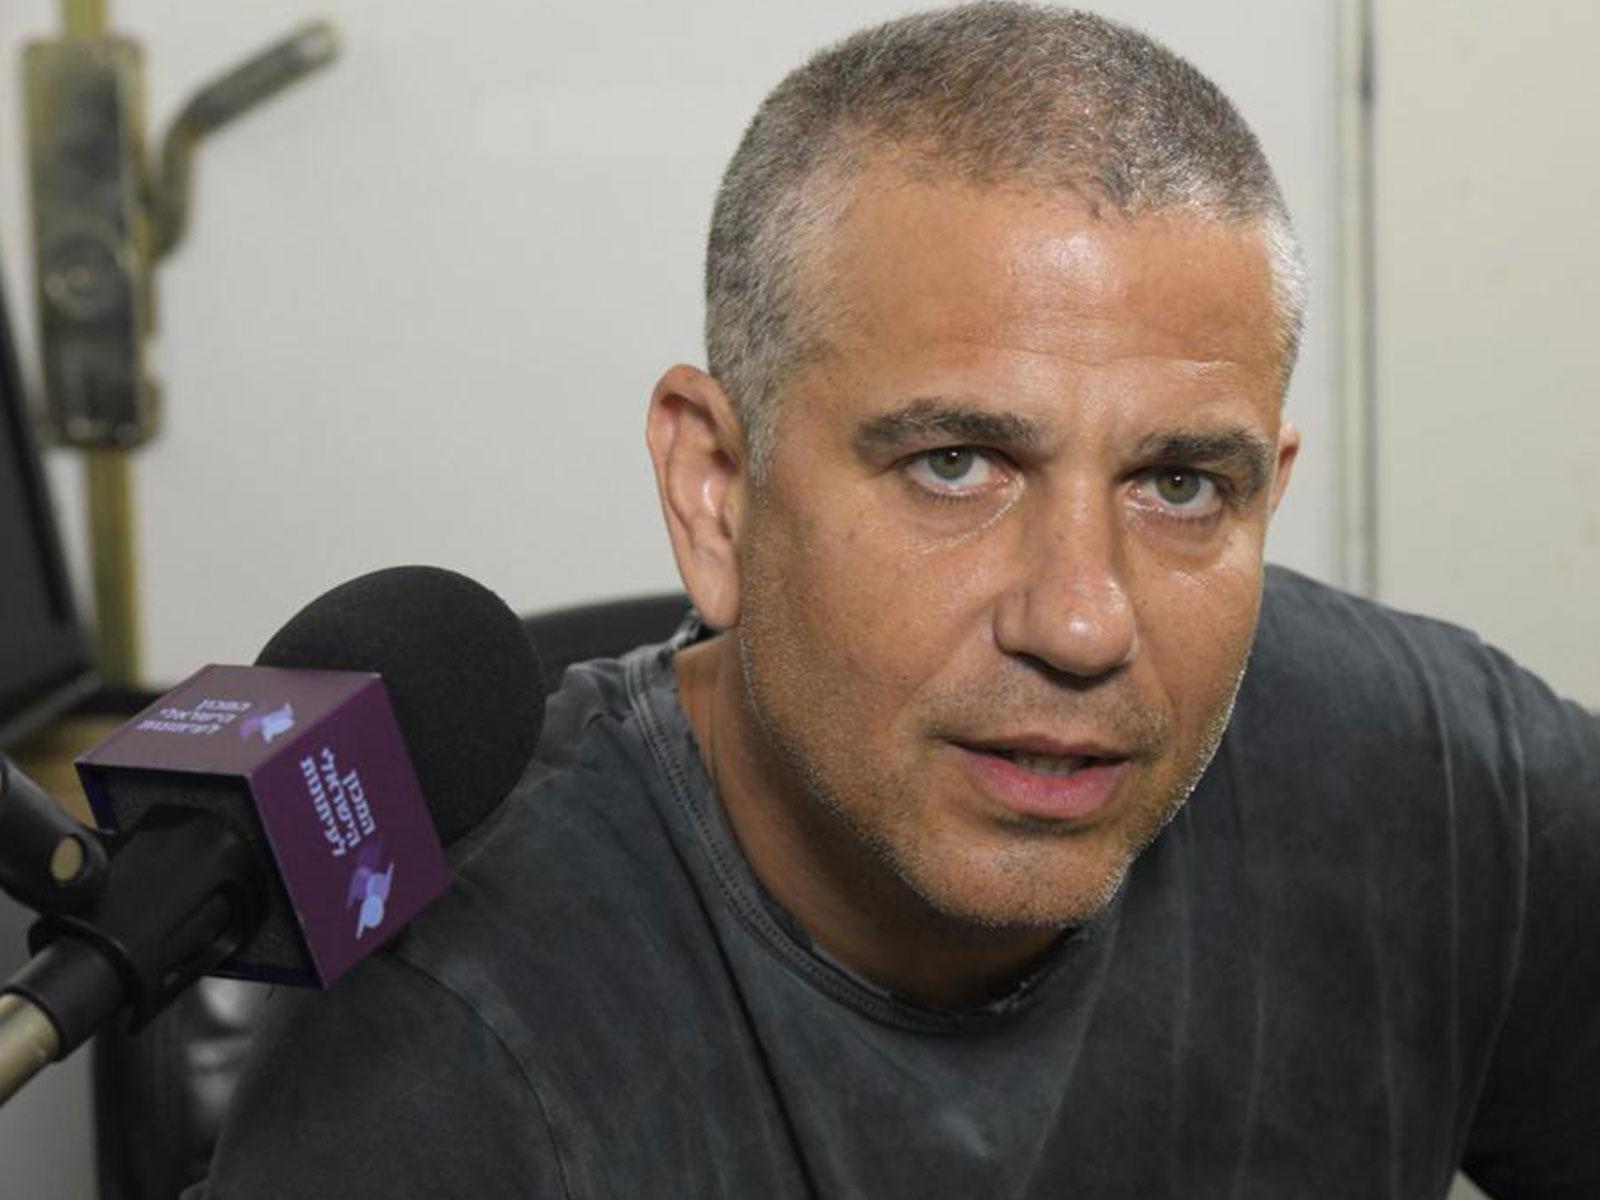 ינון מגל פודקאסט תיק טוק המכון הישראלי לעיתונות